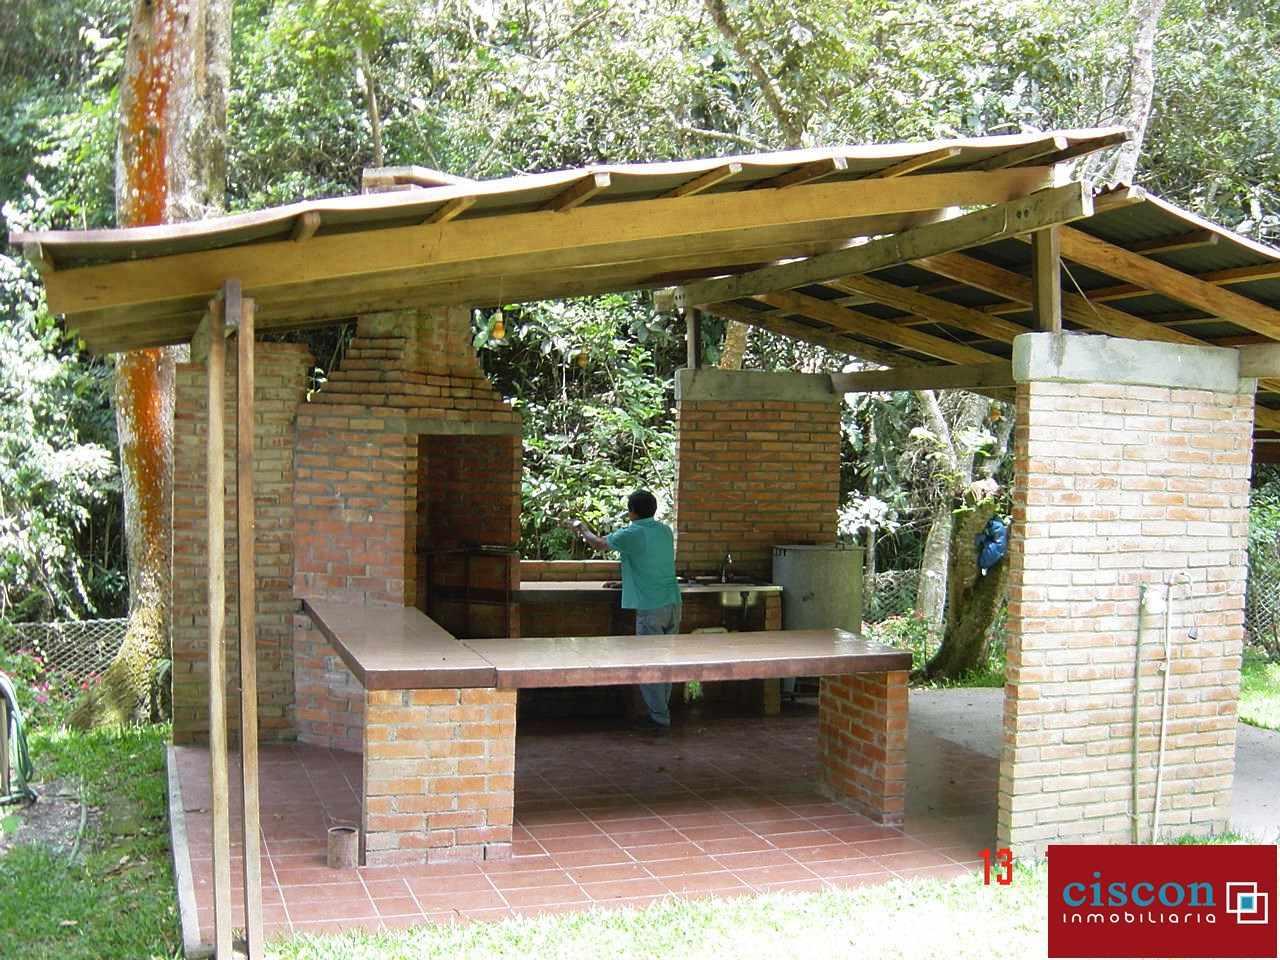 Casa en Venta Chulumani, a 15 minutos del pueblo. Foto 6